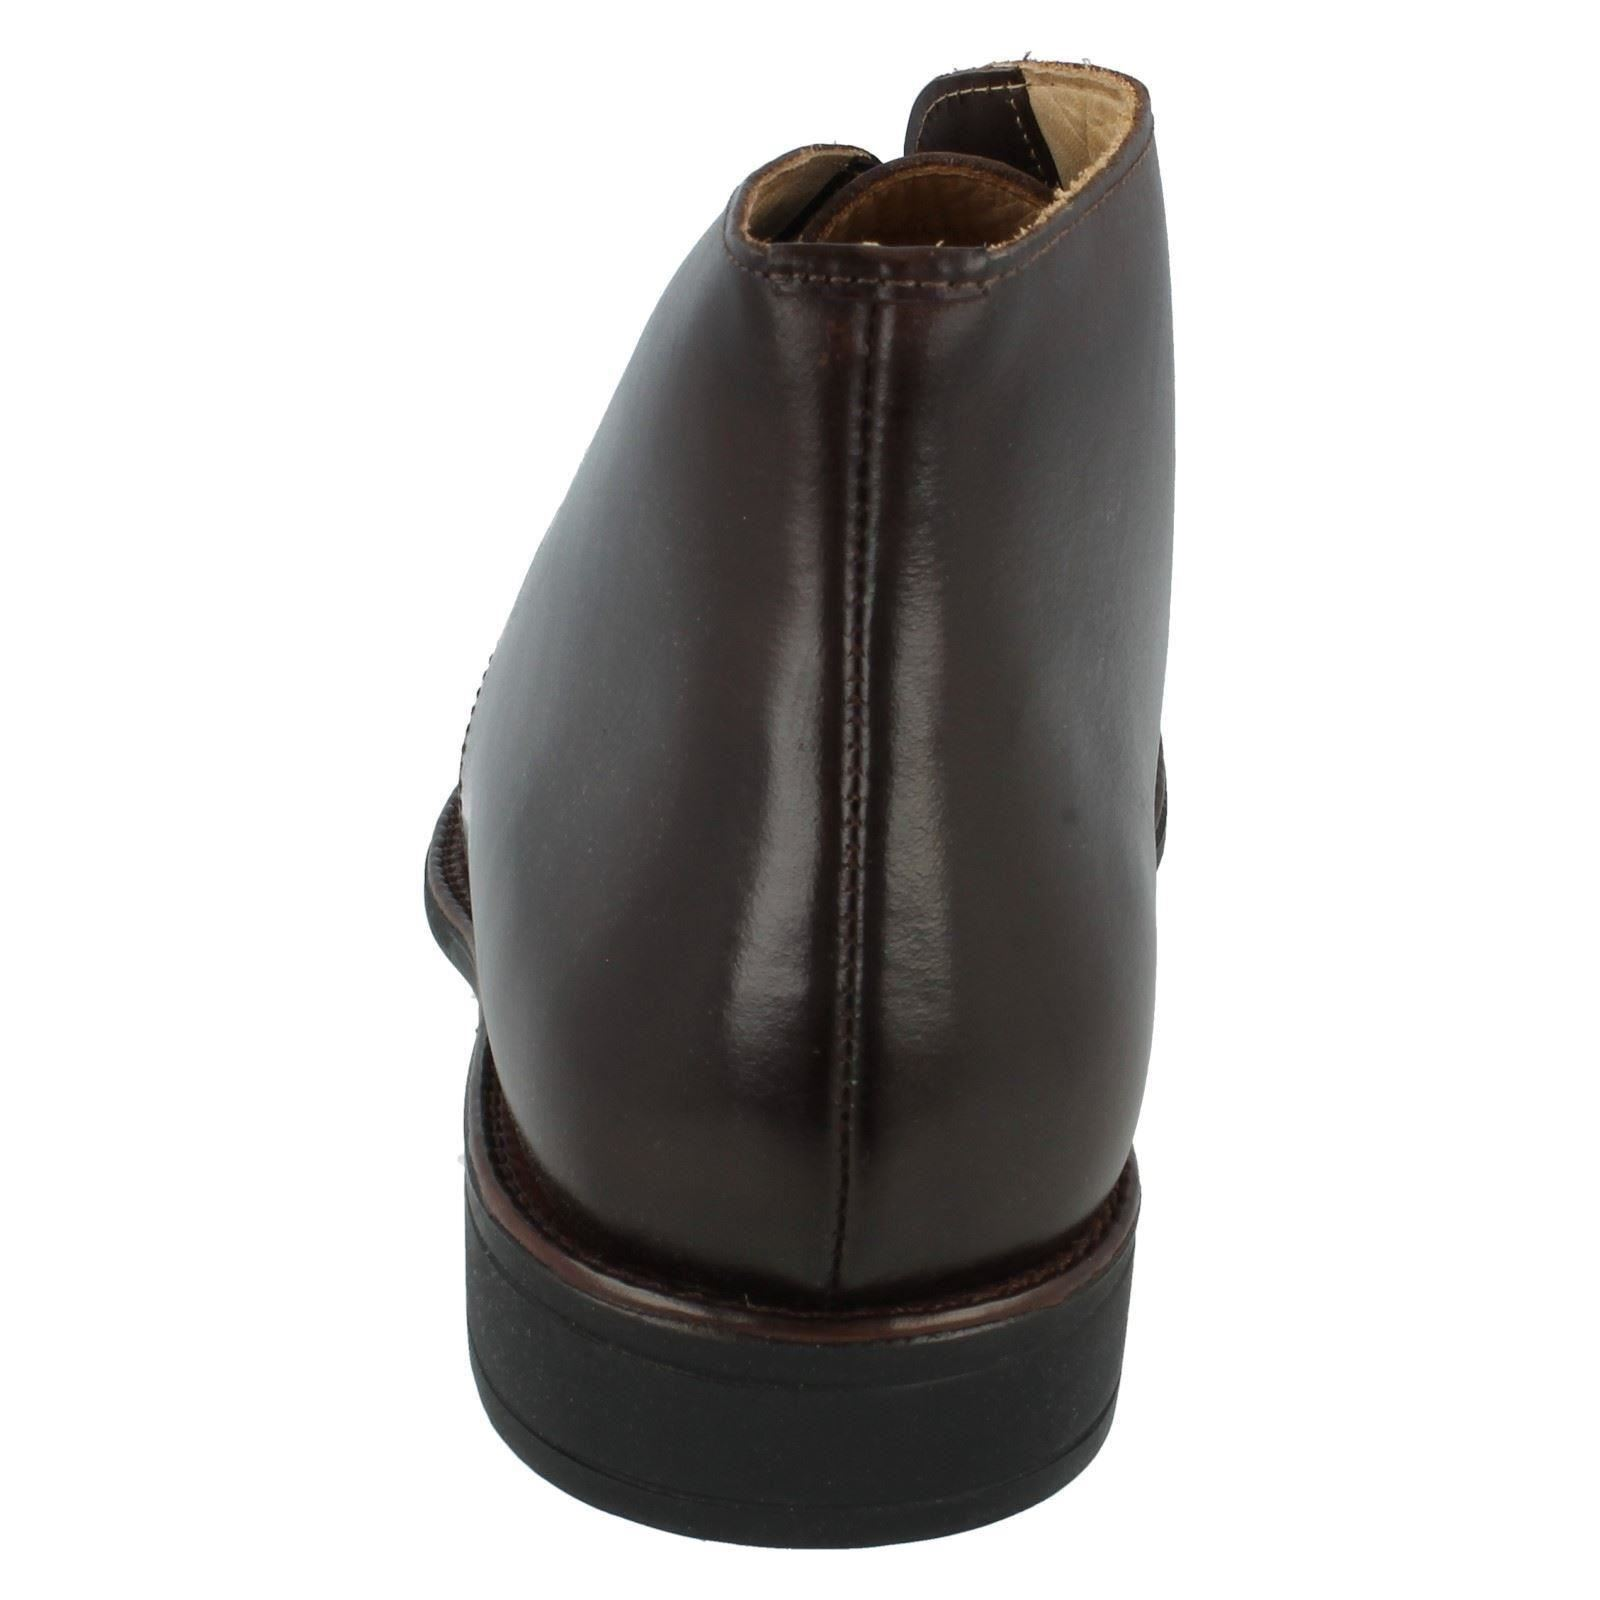 Anatomic&Co 421488,5 kg Herren Kaffee Touch Schnürsenkel Leder Stiefel mit